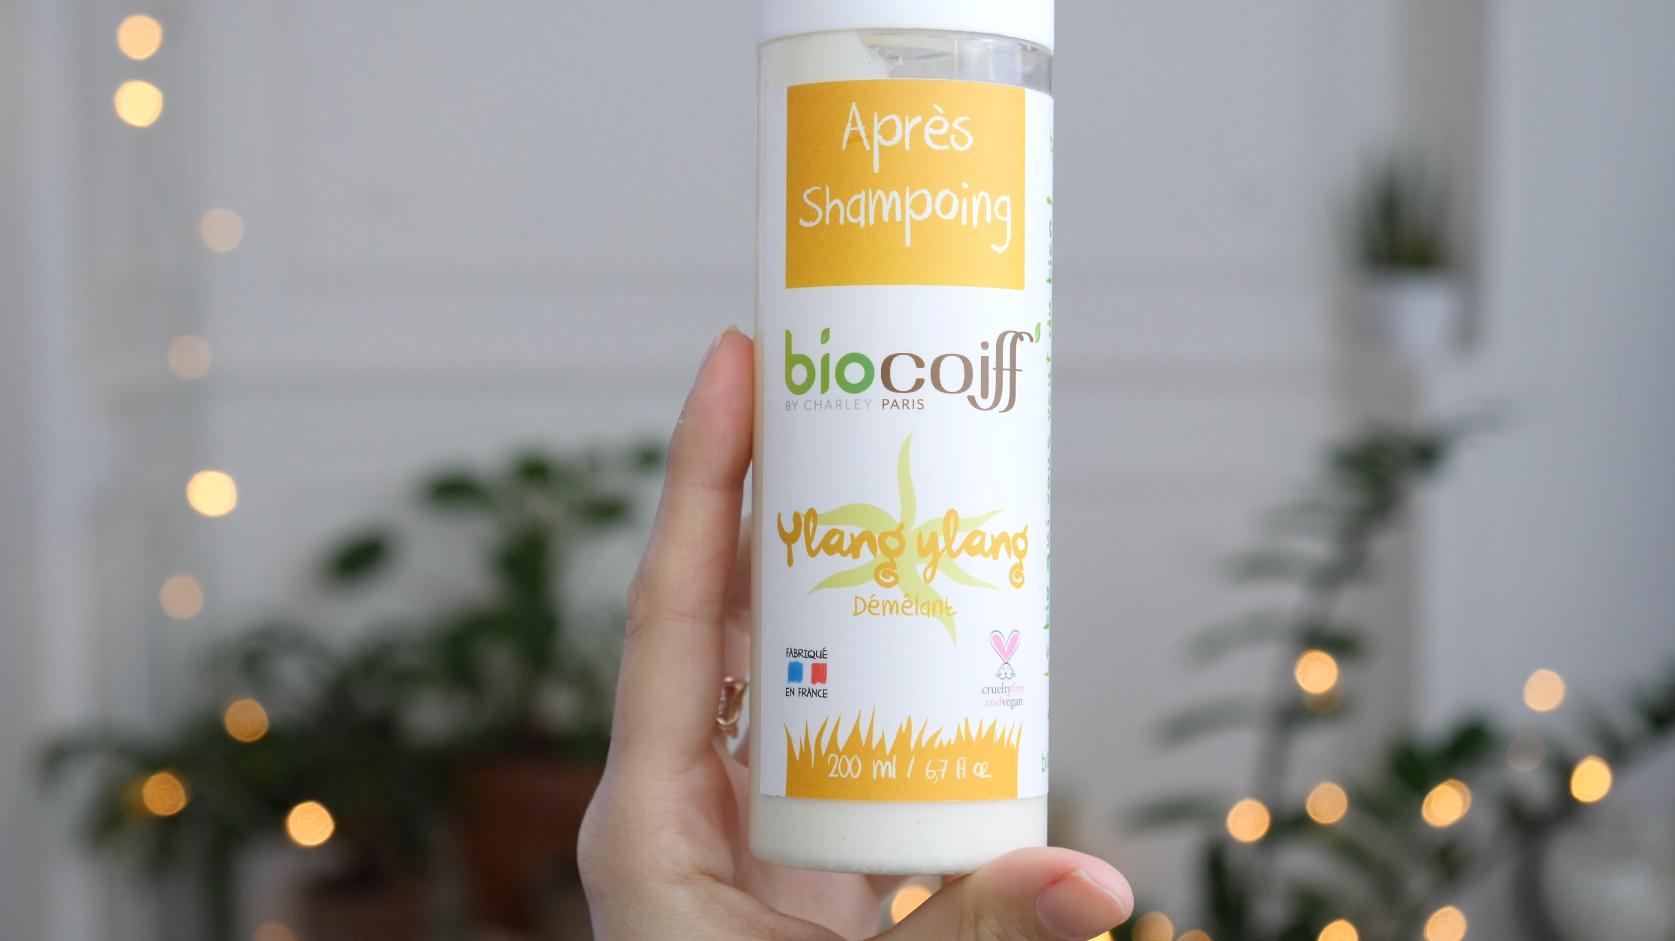 produits naturels favoris biocoiff ylang ylang